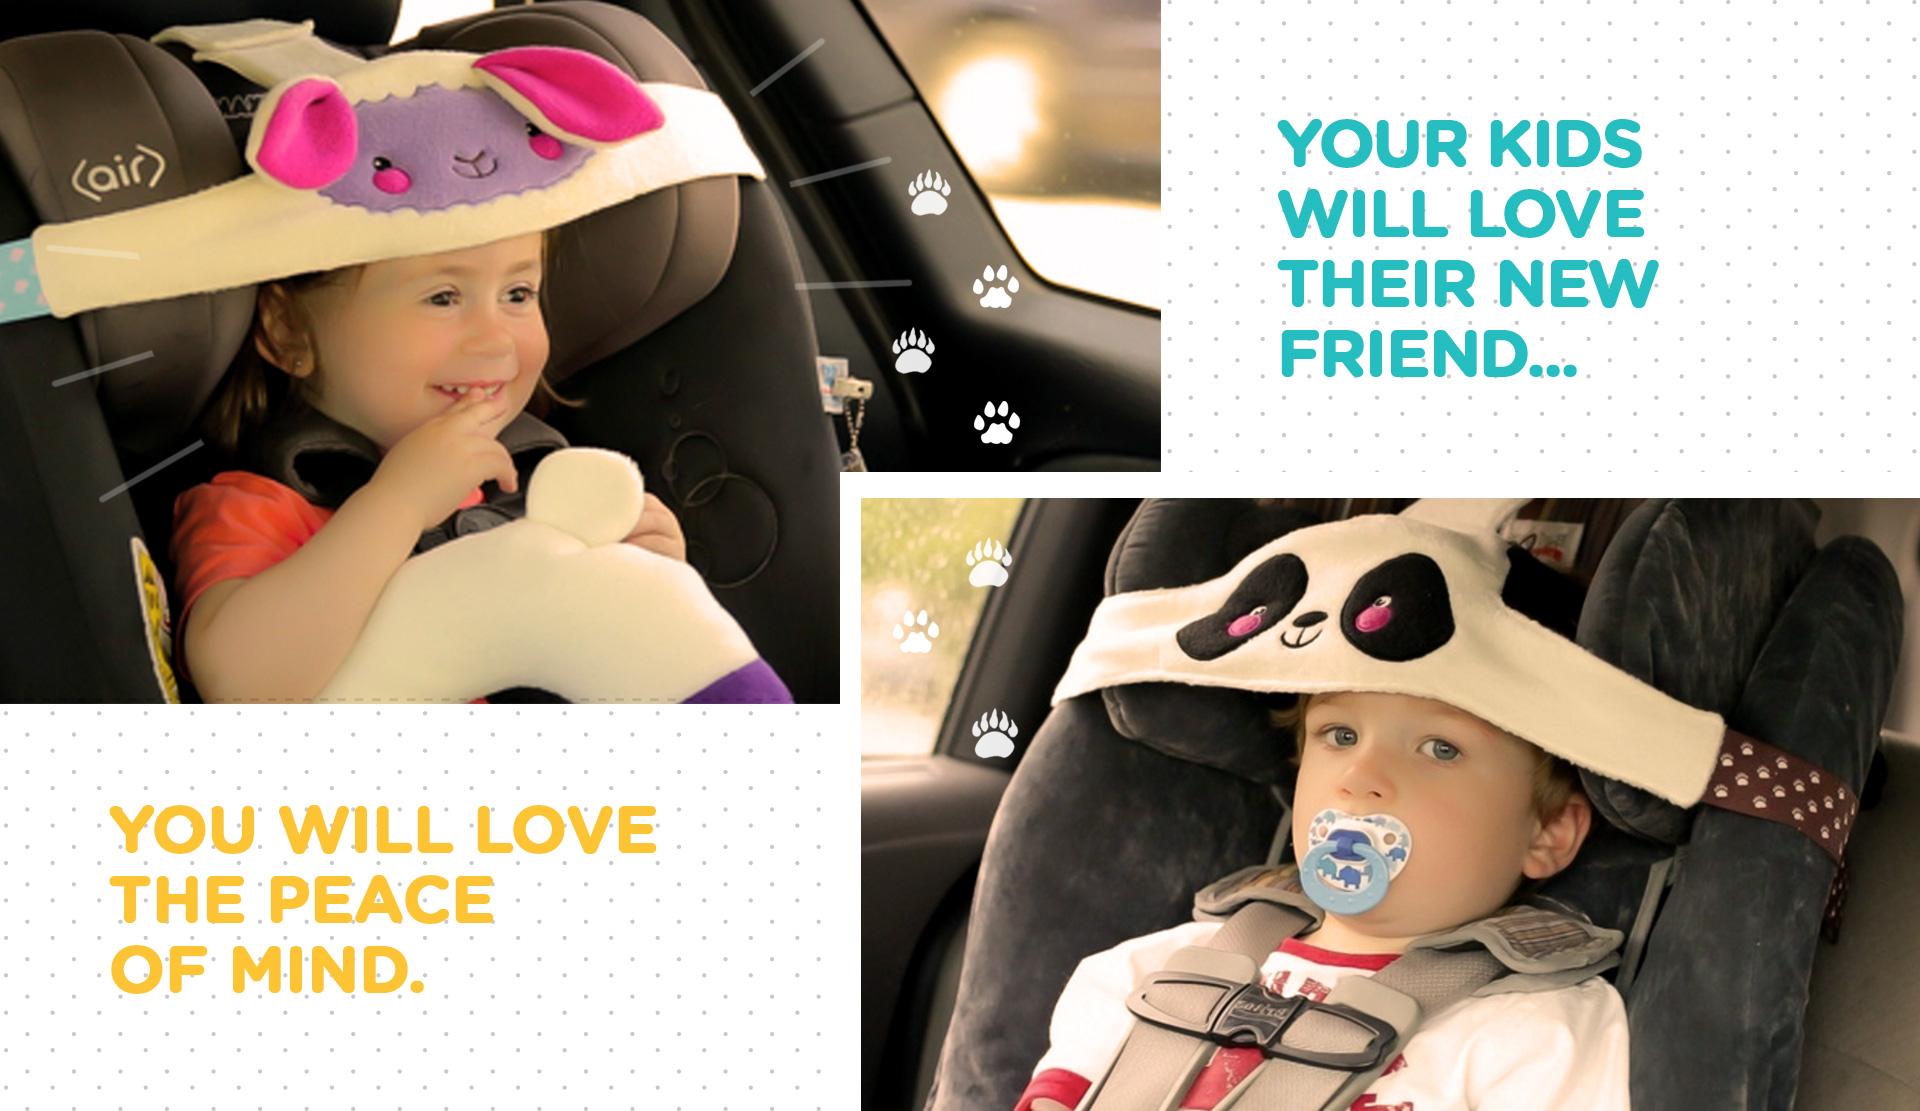 kidsLoveimg2.jpg